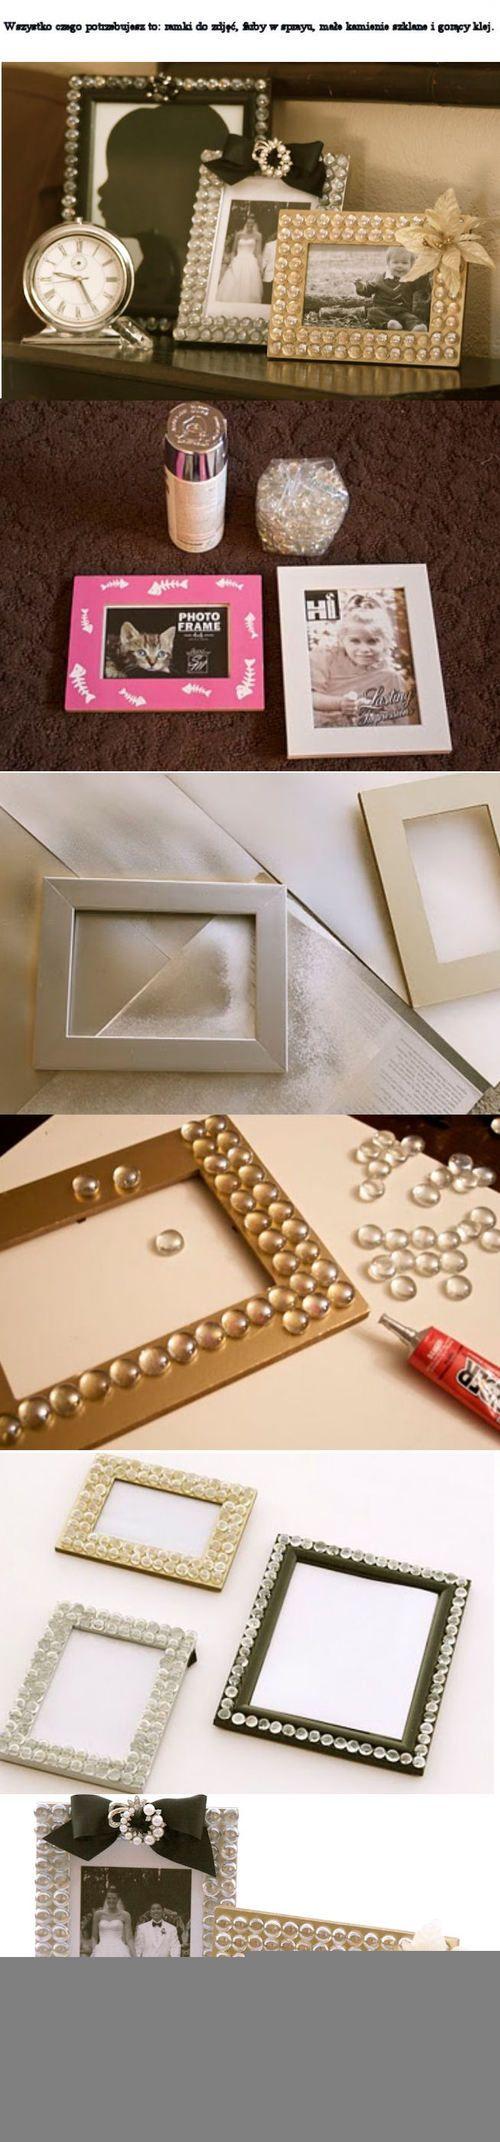 marcos de fotos con gotas de silicona o piedras transparentes